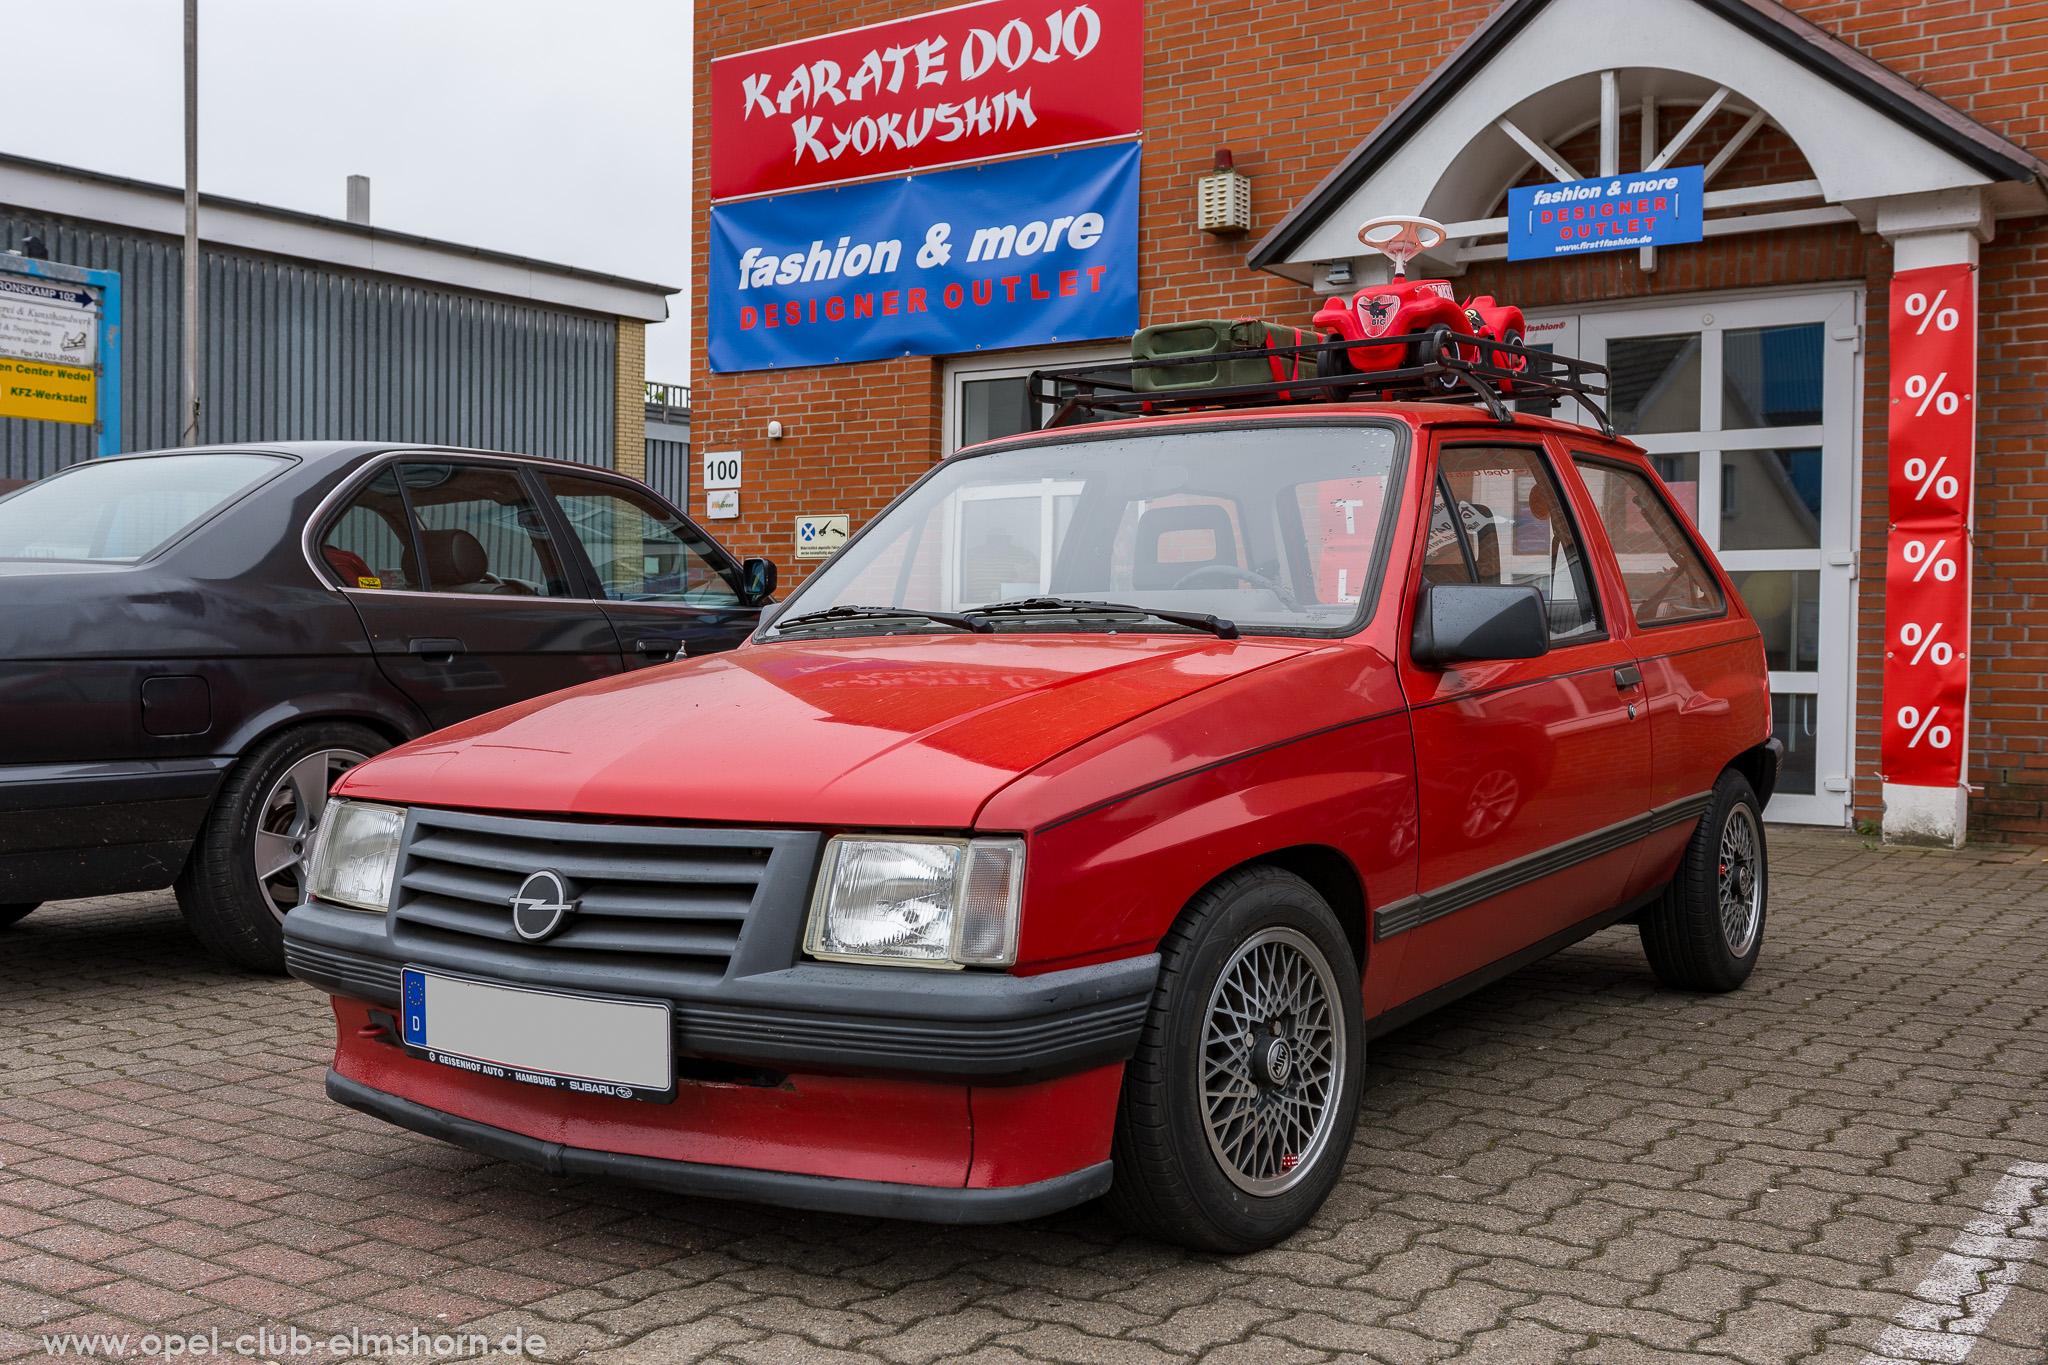 Altopeltreffen Wedel 2019 - 20190501_114716 - Opel Corsa A